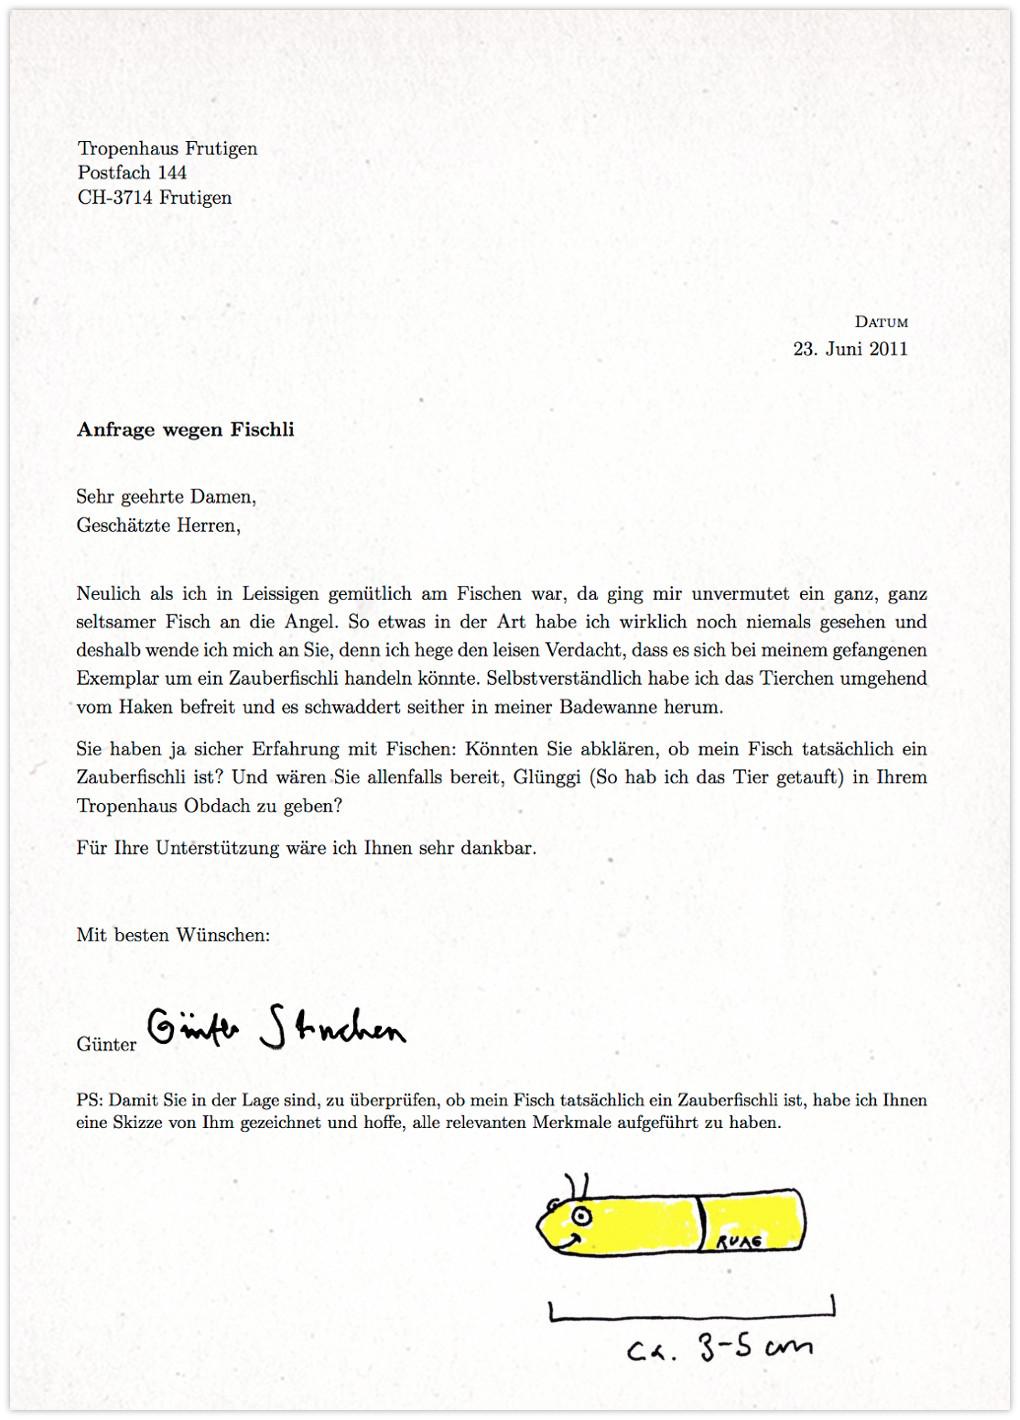 tropenhaus-anfrage